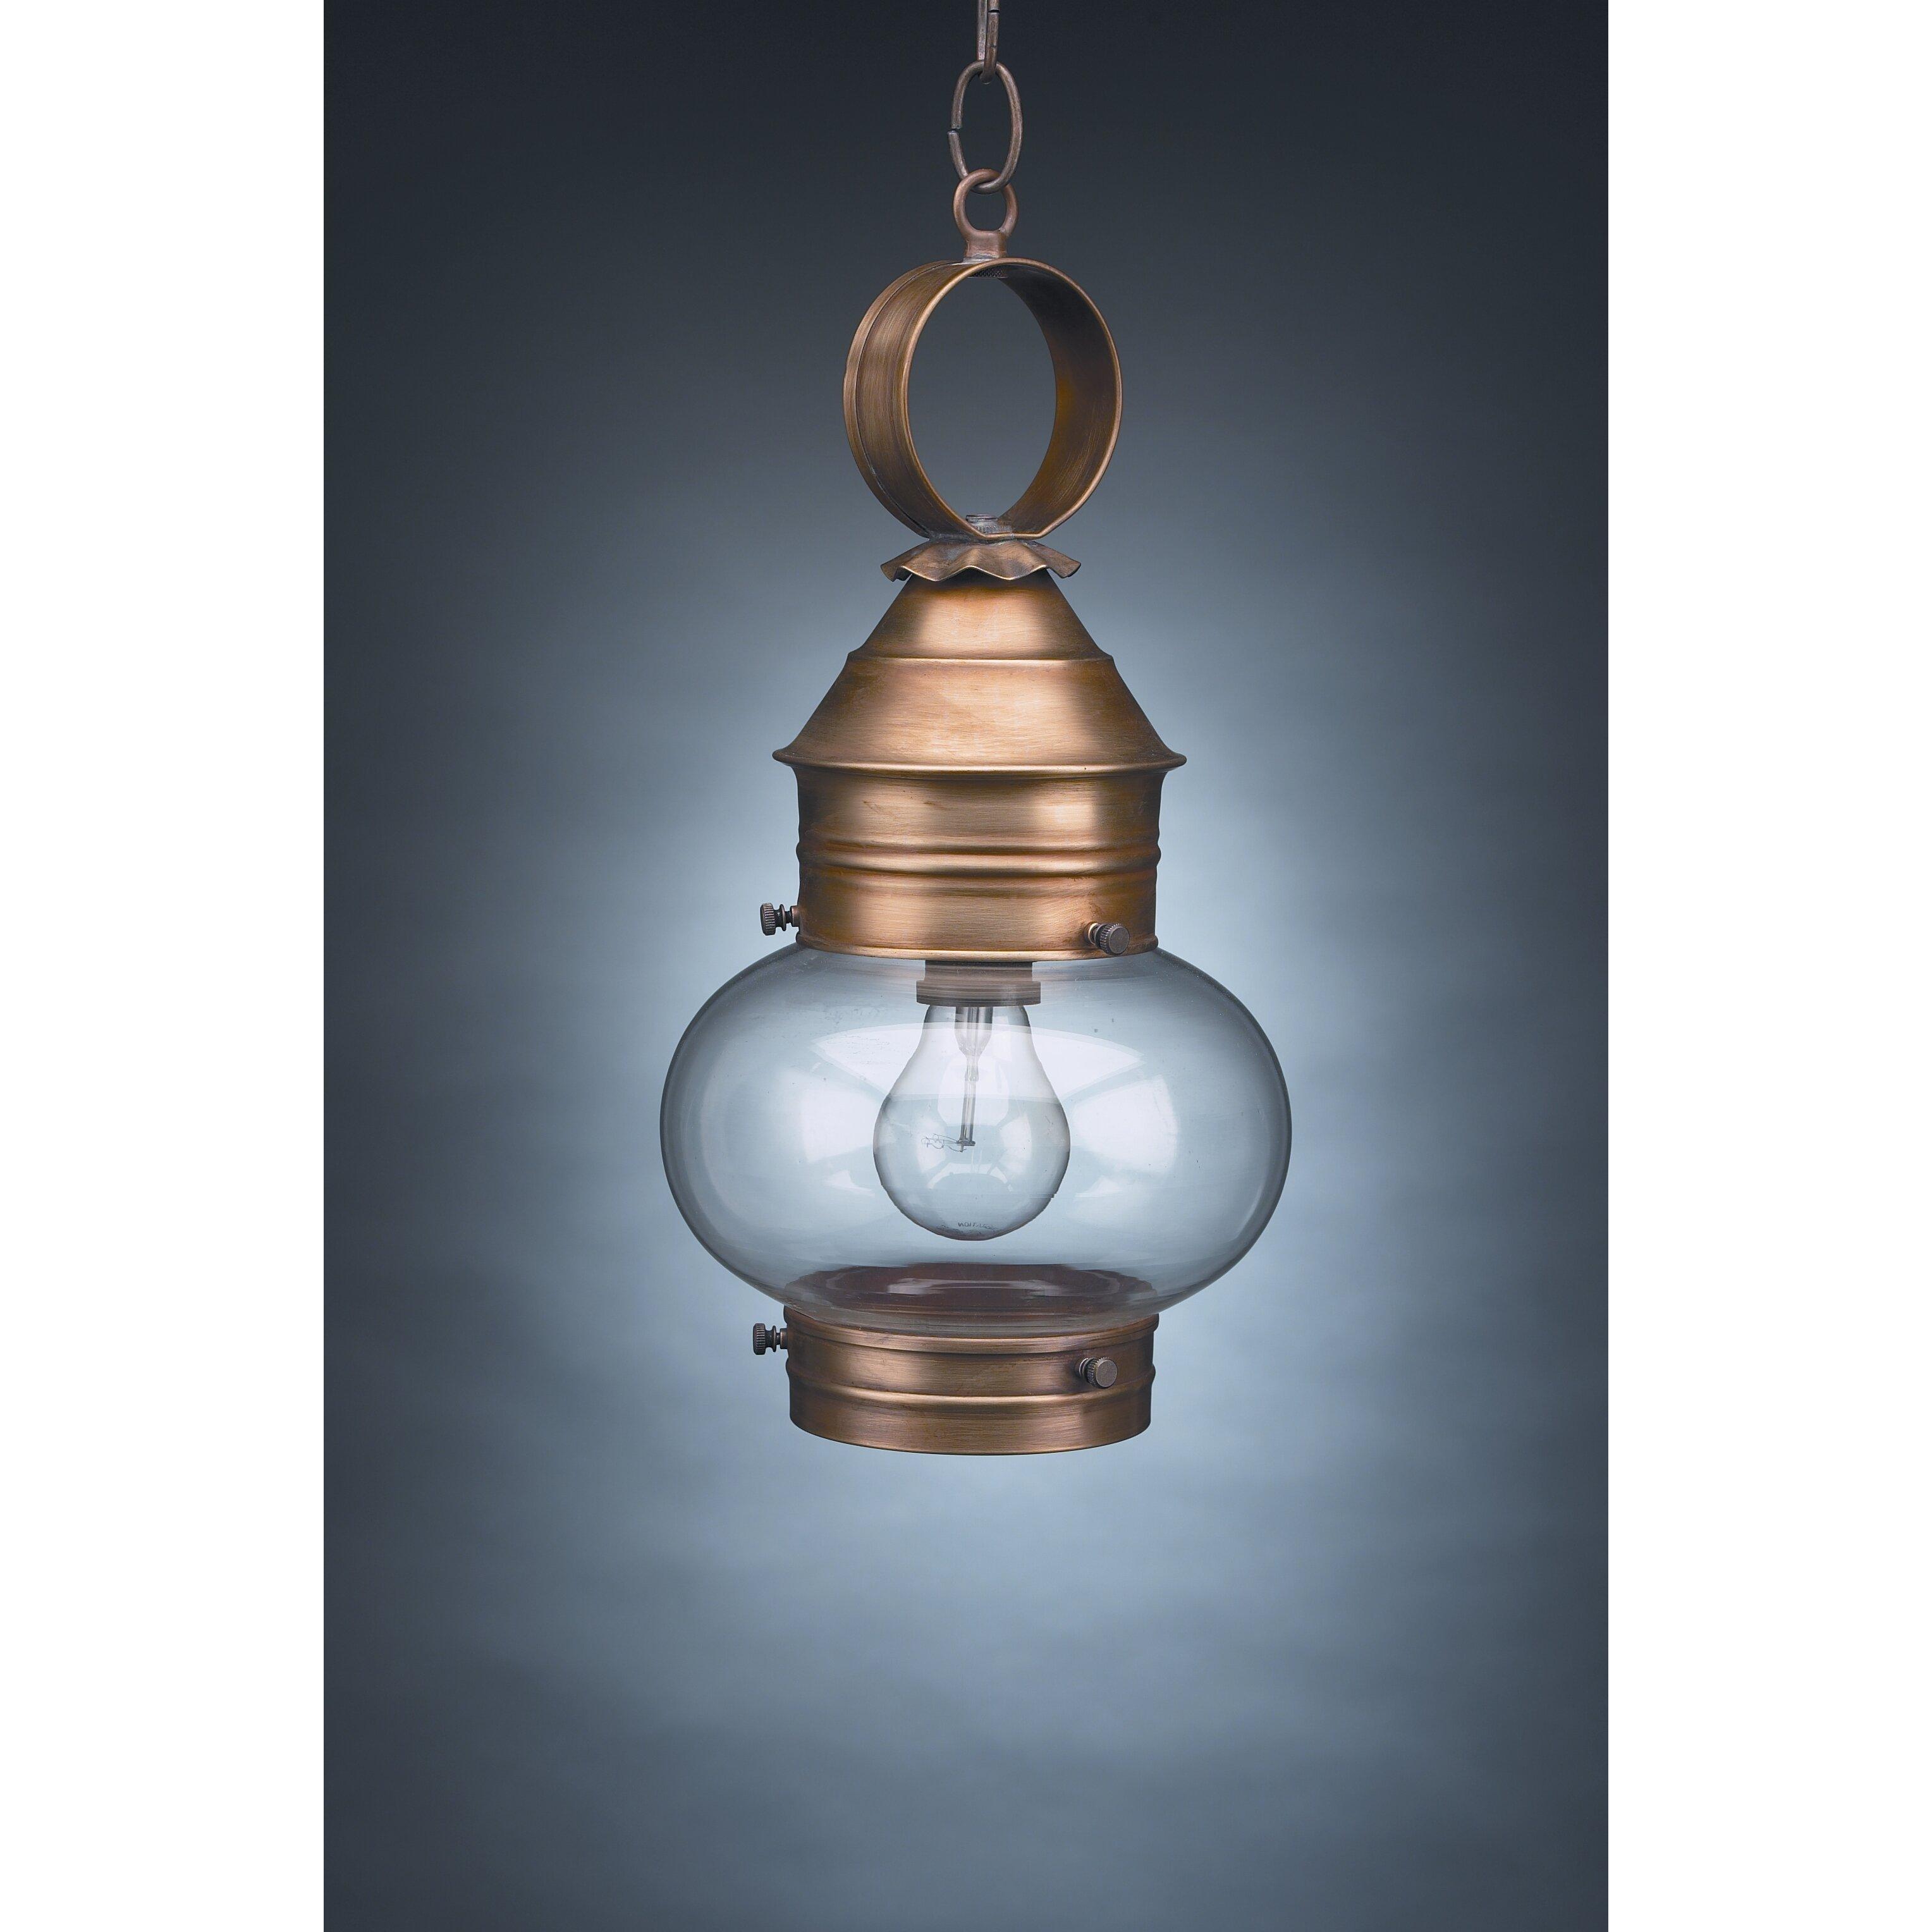 lighting outdoor lighting outdoor hanging lights northeast lantern sku. Black Bedroom Furniture Sets. Home Design Ideas